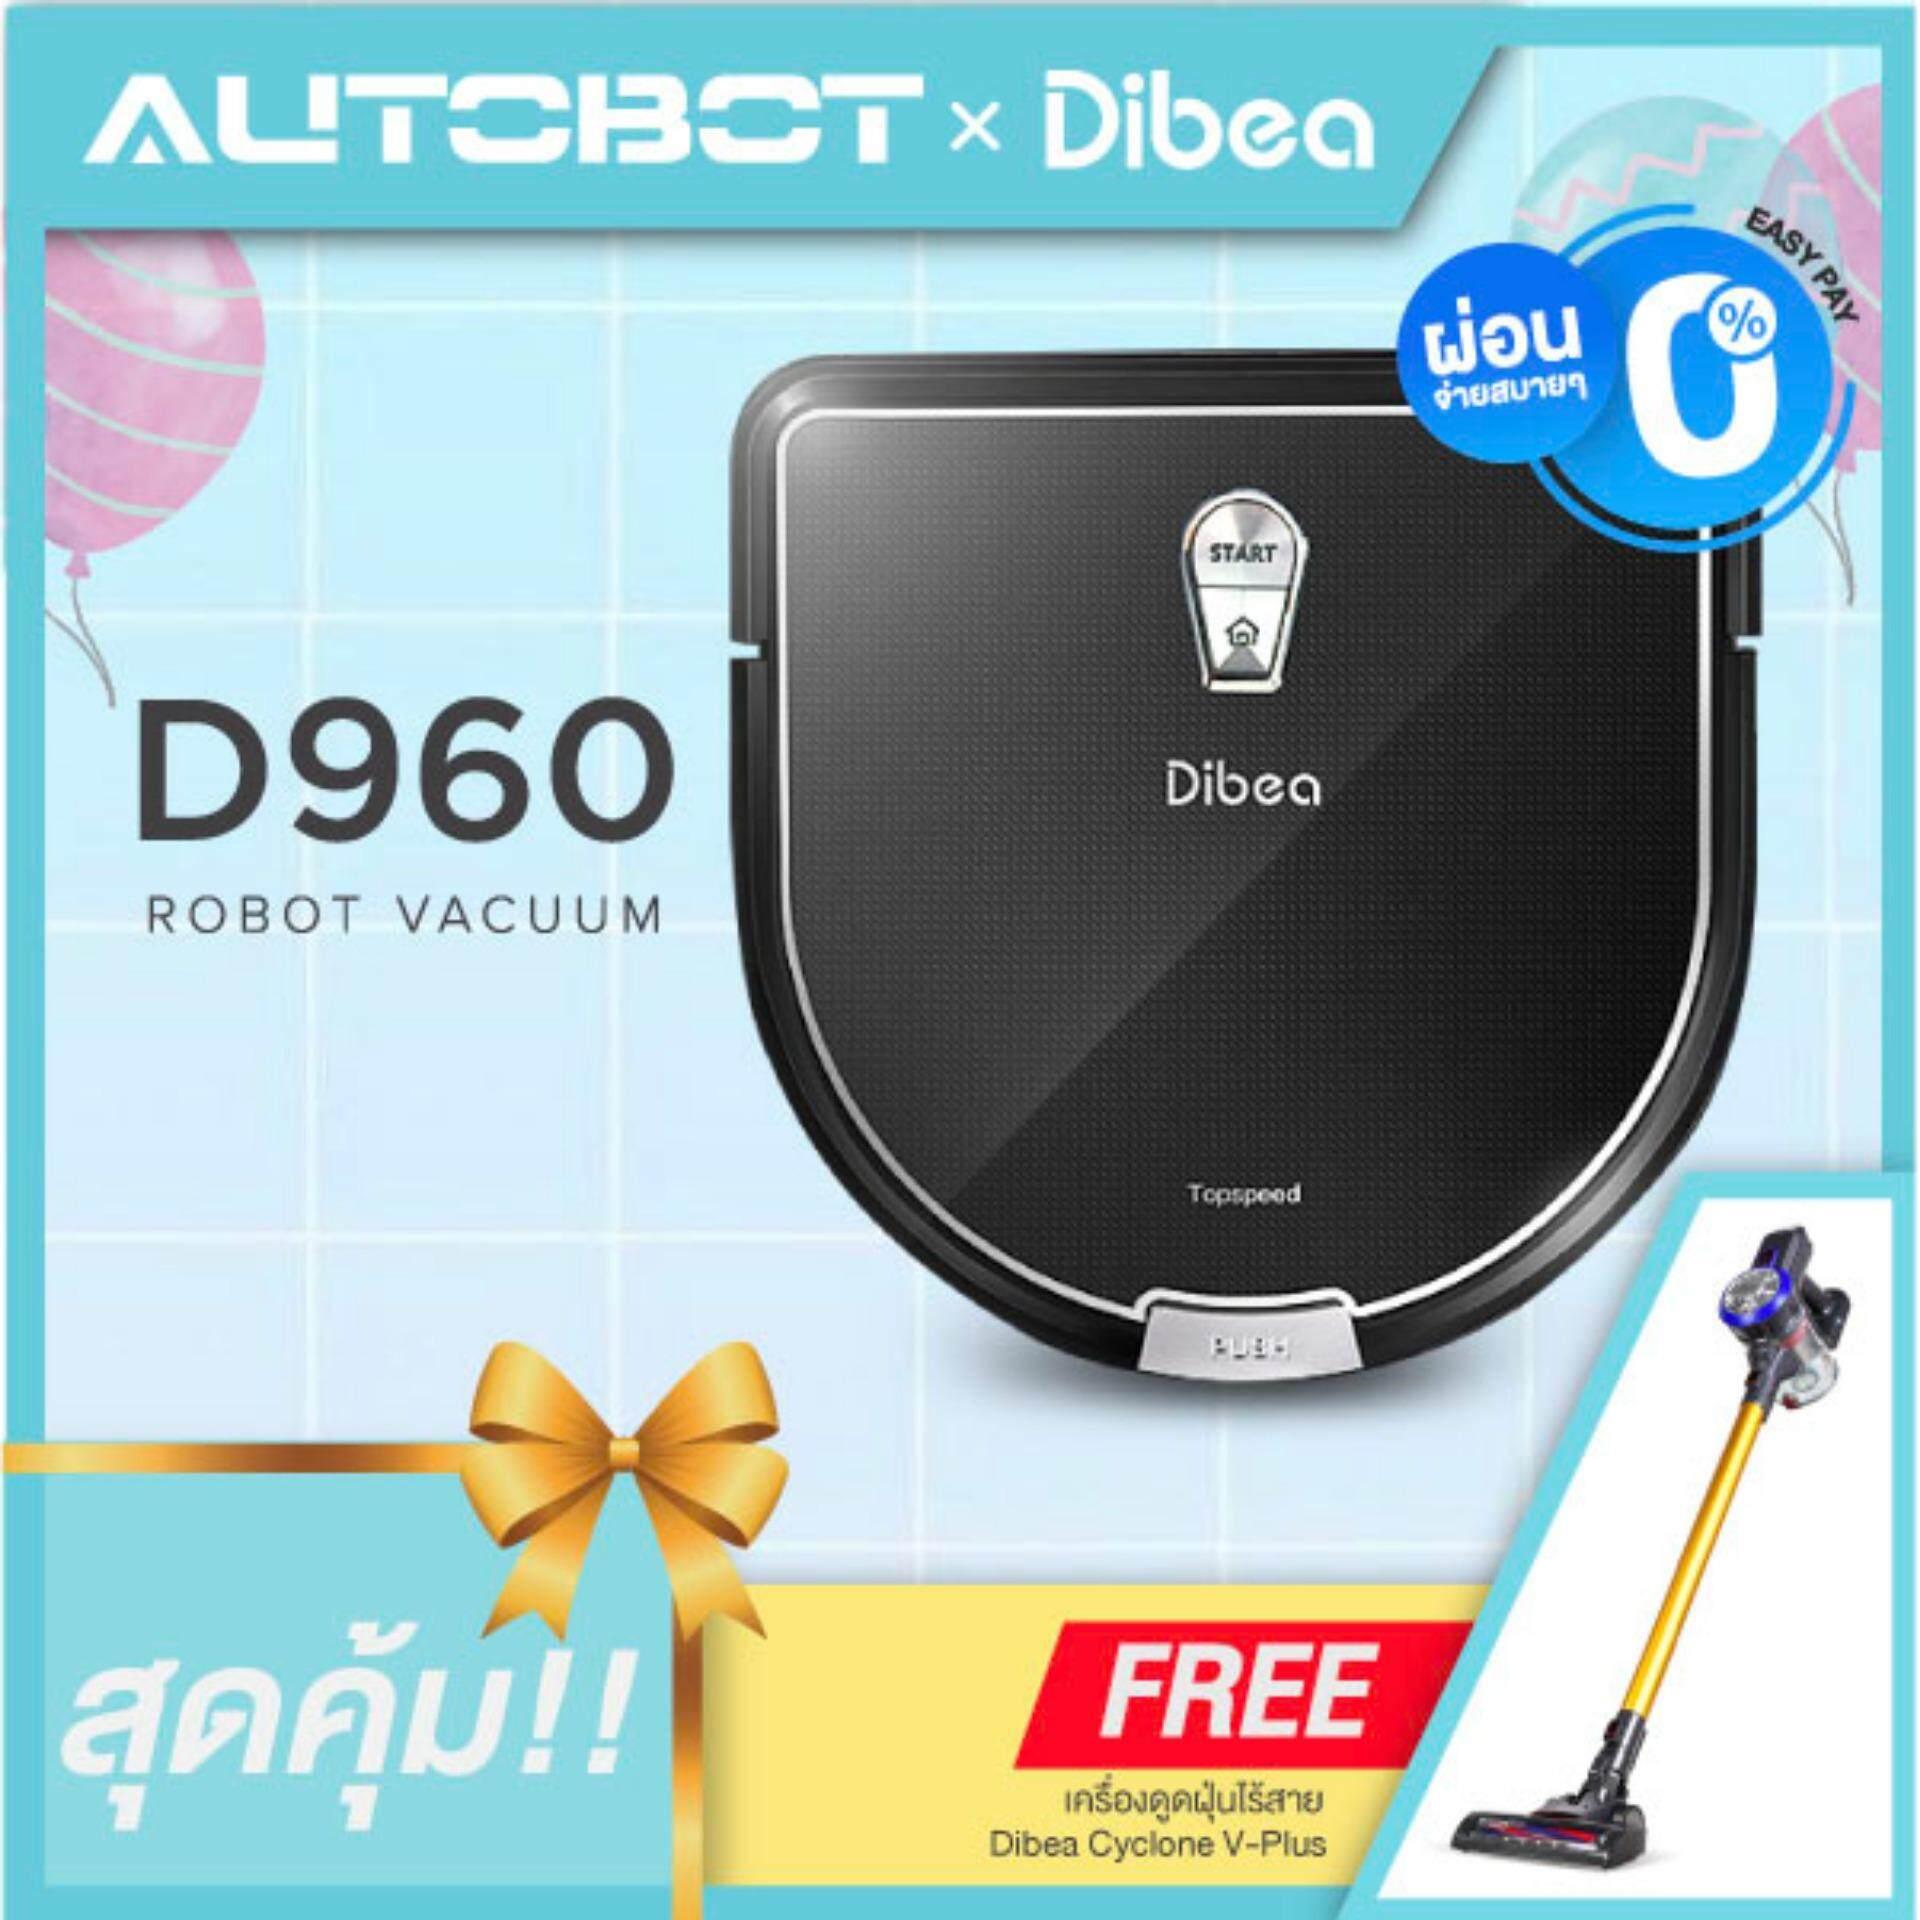 ข้อมูลรีวิว [ ผ่อน 0% ] Dibea หุ่นยนต์ดูดฝุ่น HYBRID robot ทรง D shape เสริมกระจกเทมเปอร์กลาส รุ่น D960 [[ FREE เครื่องดูดฝุ่นไร้สาย รุ่น V plus D18 มูลค่า 5900 ]] รุ่นไหนดี